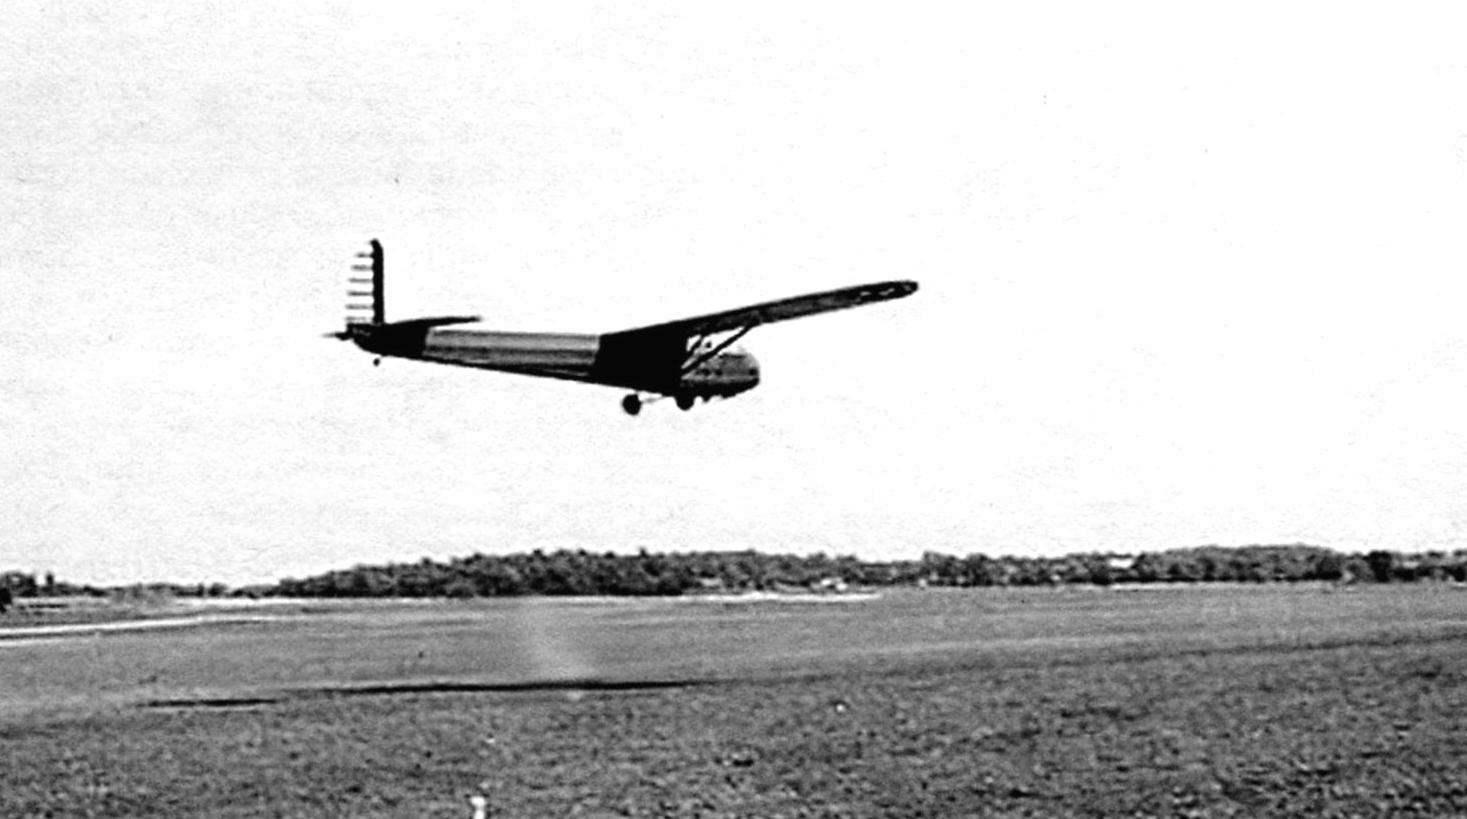 Опытный образец планёра СG-3 в испытательном полёте. Протогин имел руль направления, окрашенный в полоску